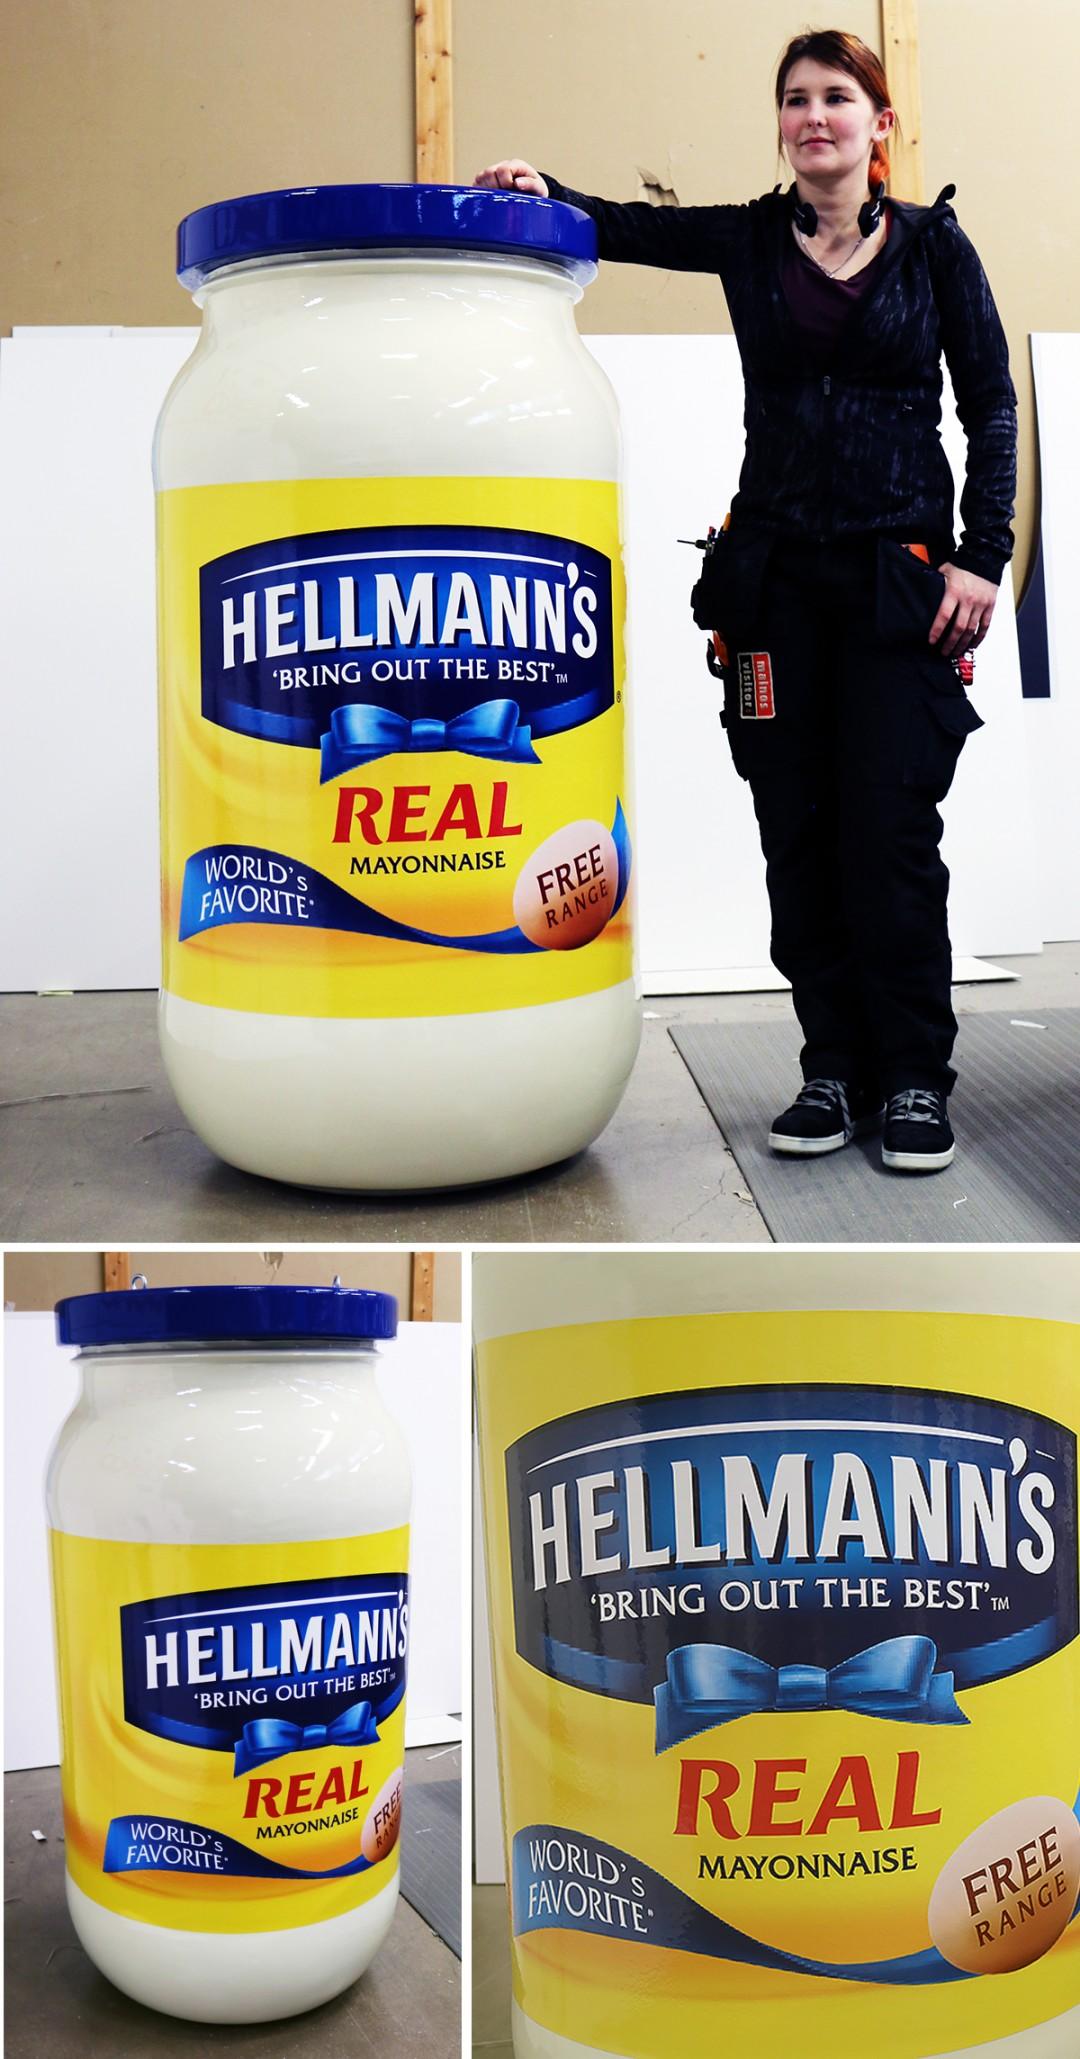 Hellmann's-majoneesipurkki